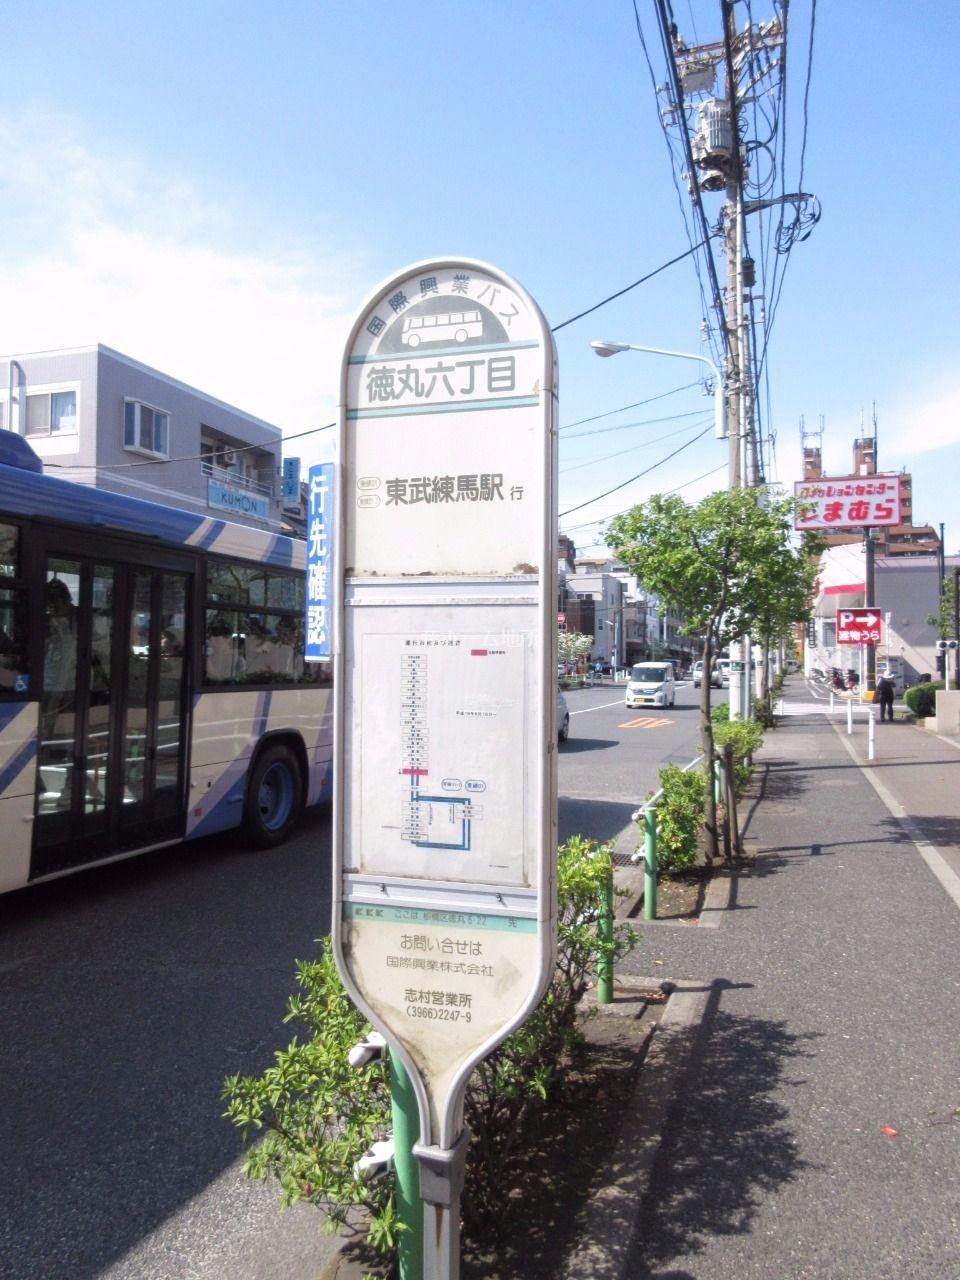 歩いて1分(90m)、東武東上線「東武練馬駅」、都営三田線「高島平駅」、JR埼京線「浮間舟渡駅」に行けます